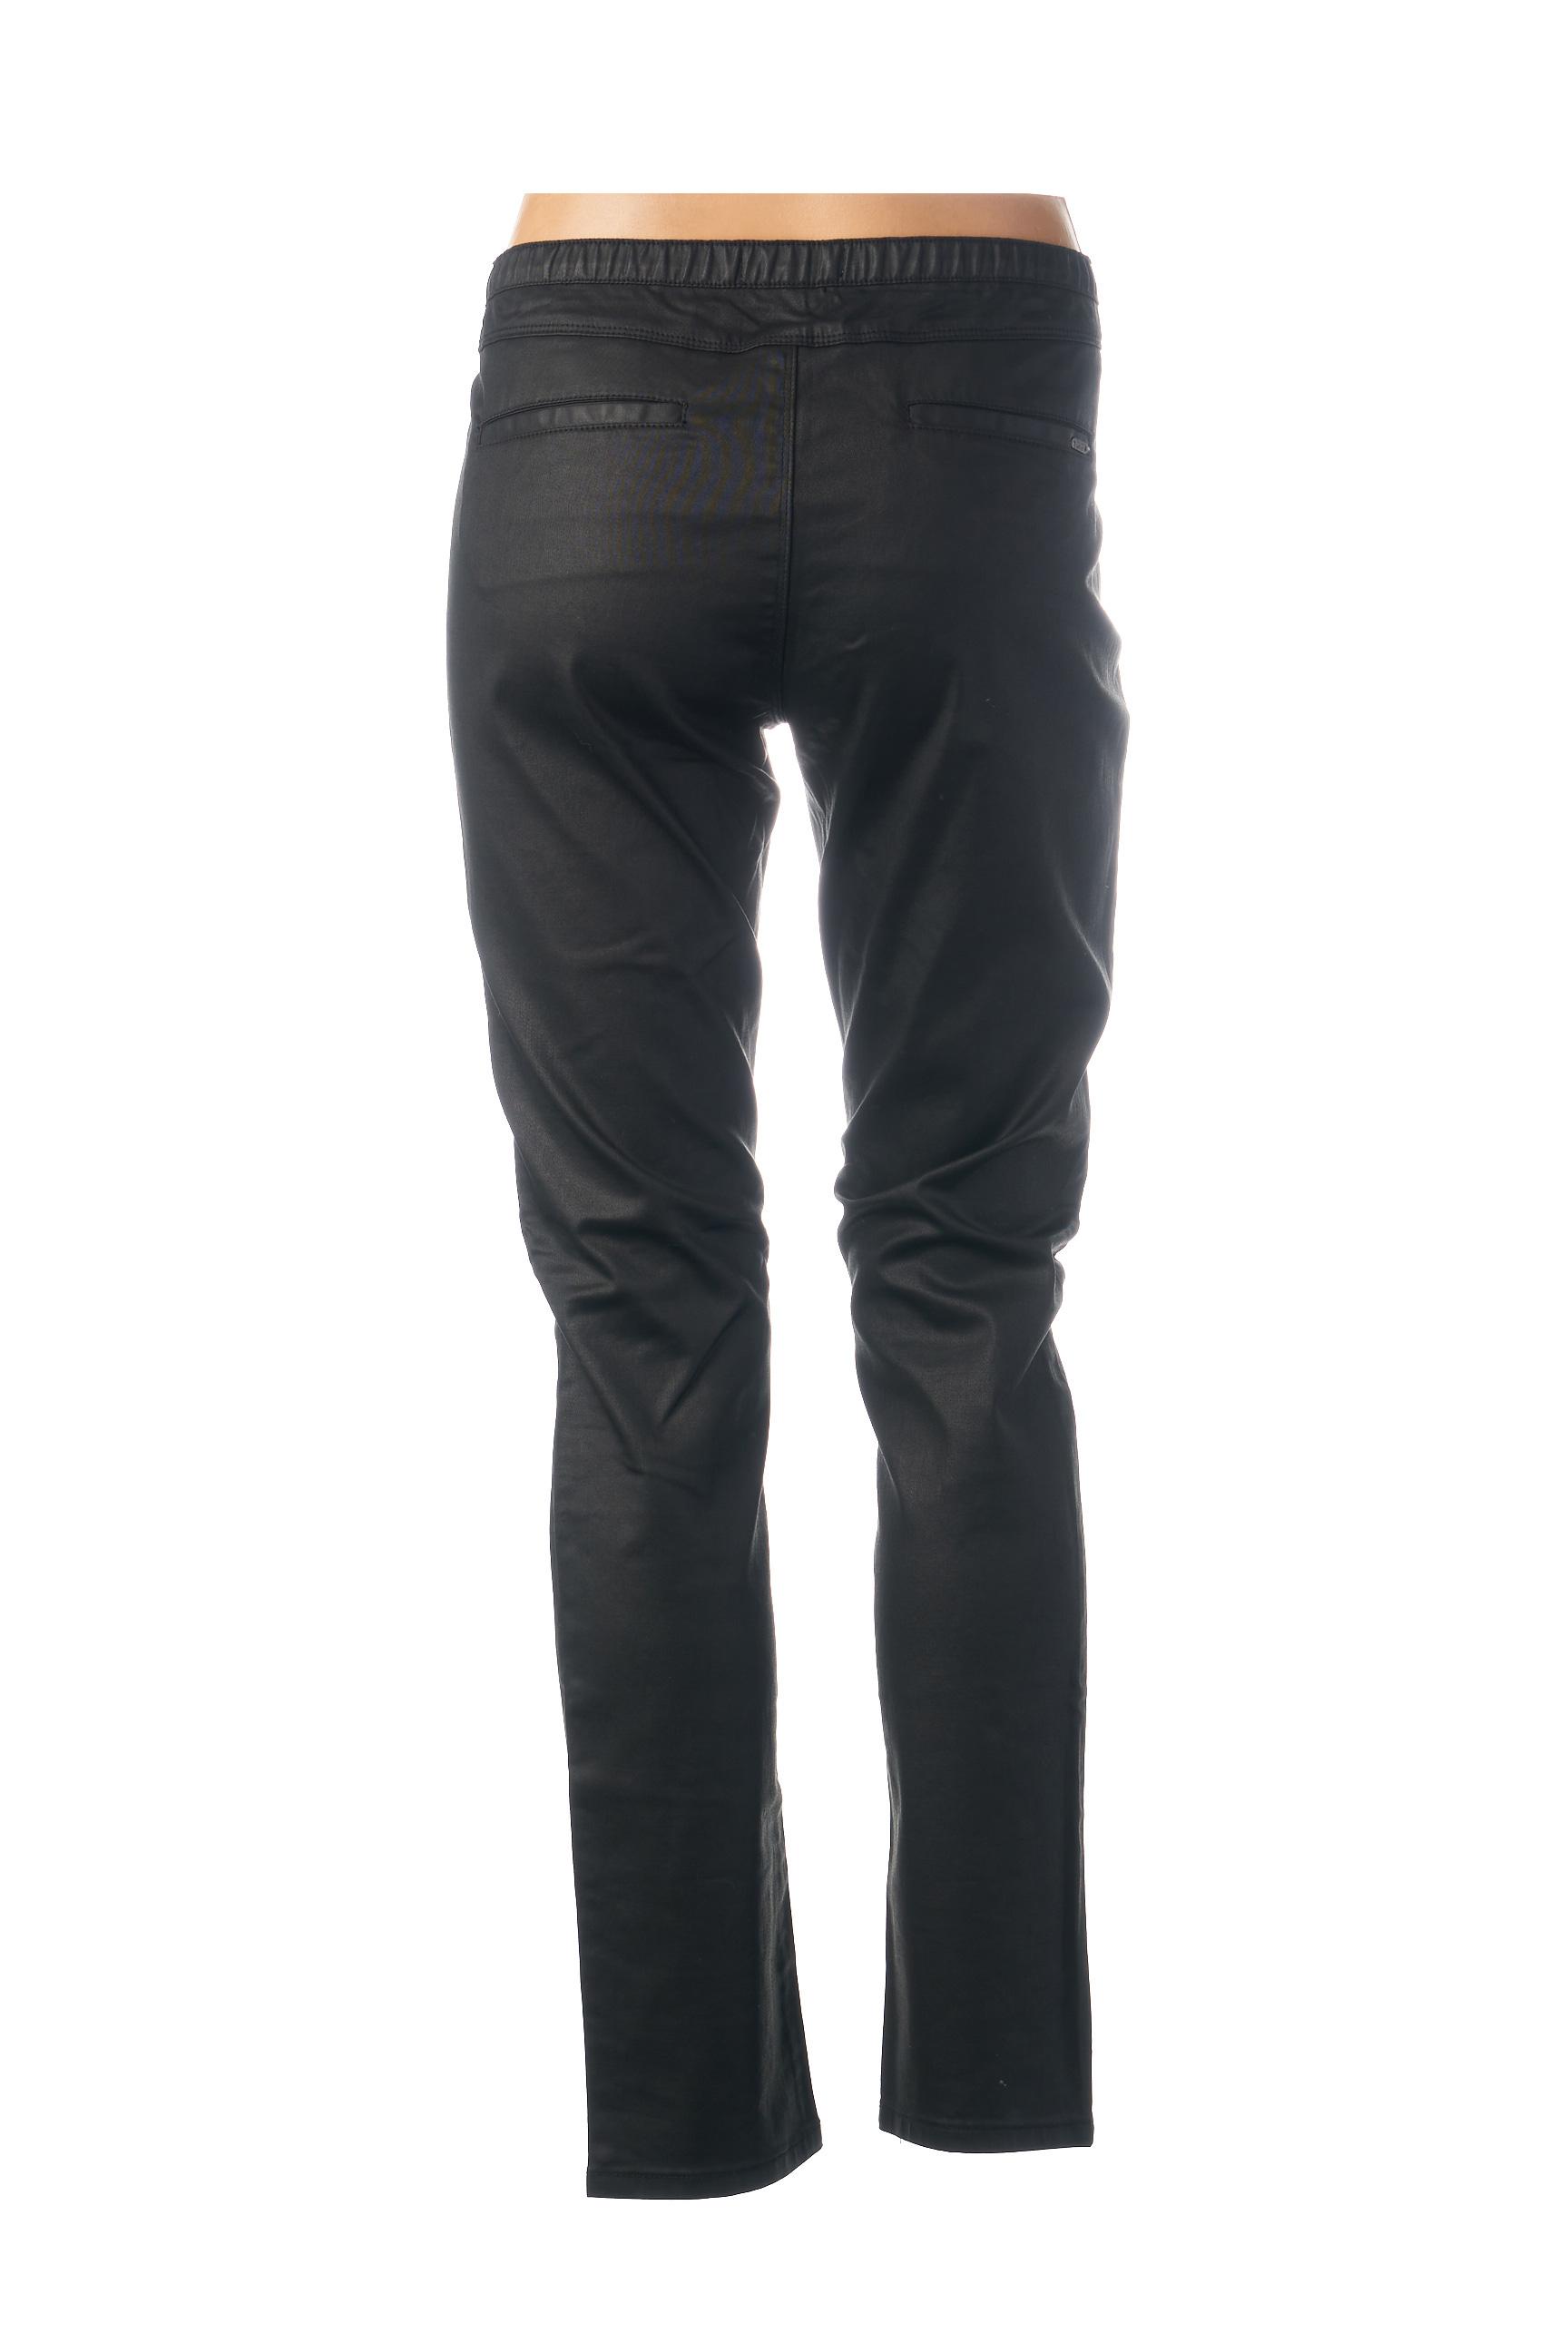 Mkt Studio Pantalons Citadins Femme De Couleur Noir En Soldes Pas Cher 1451879-noir00